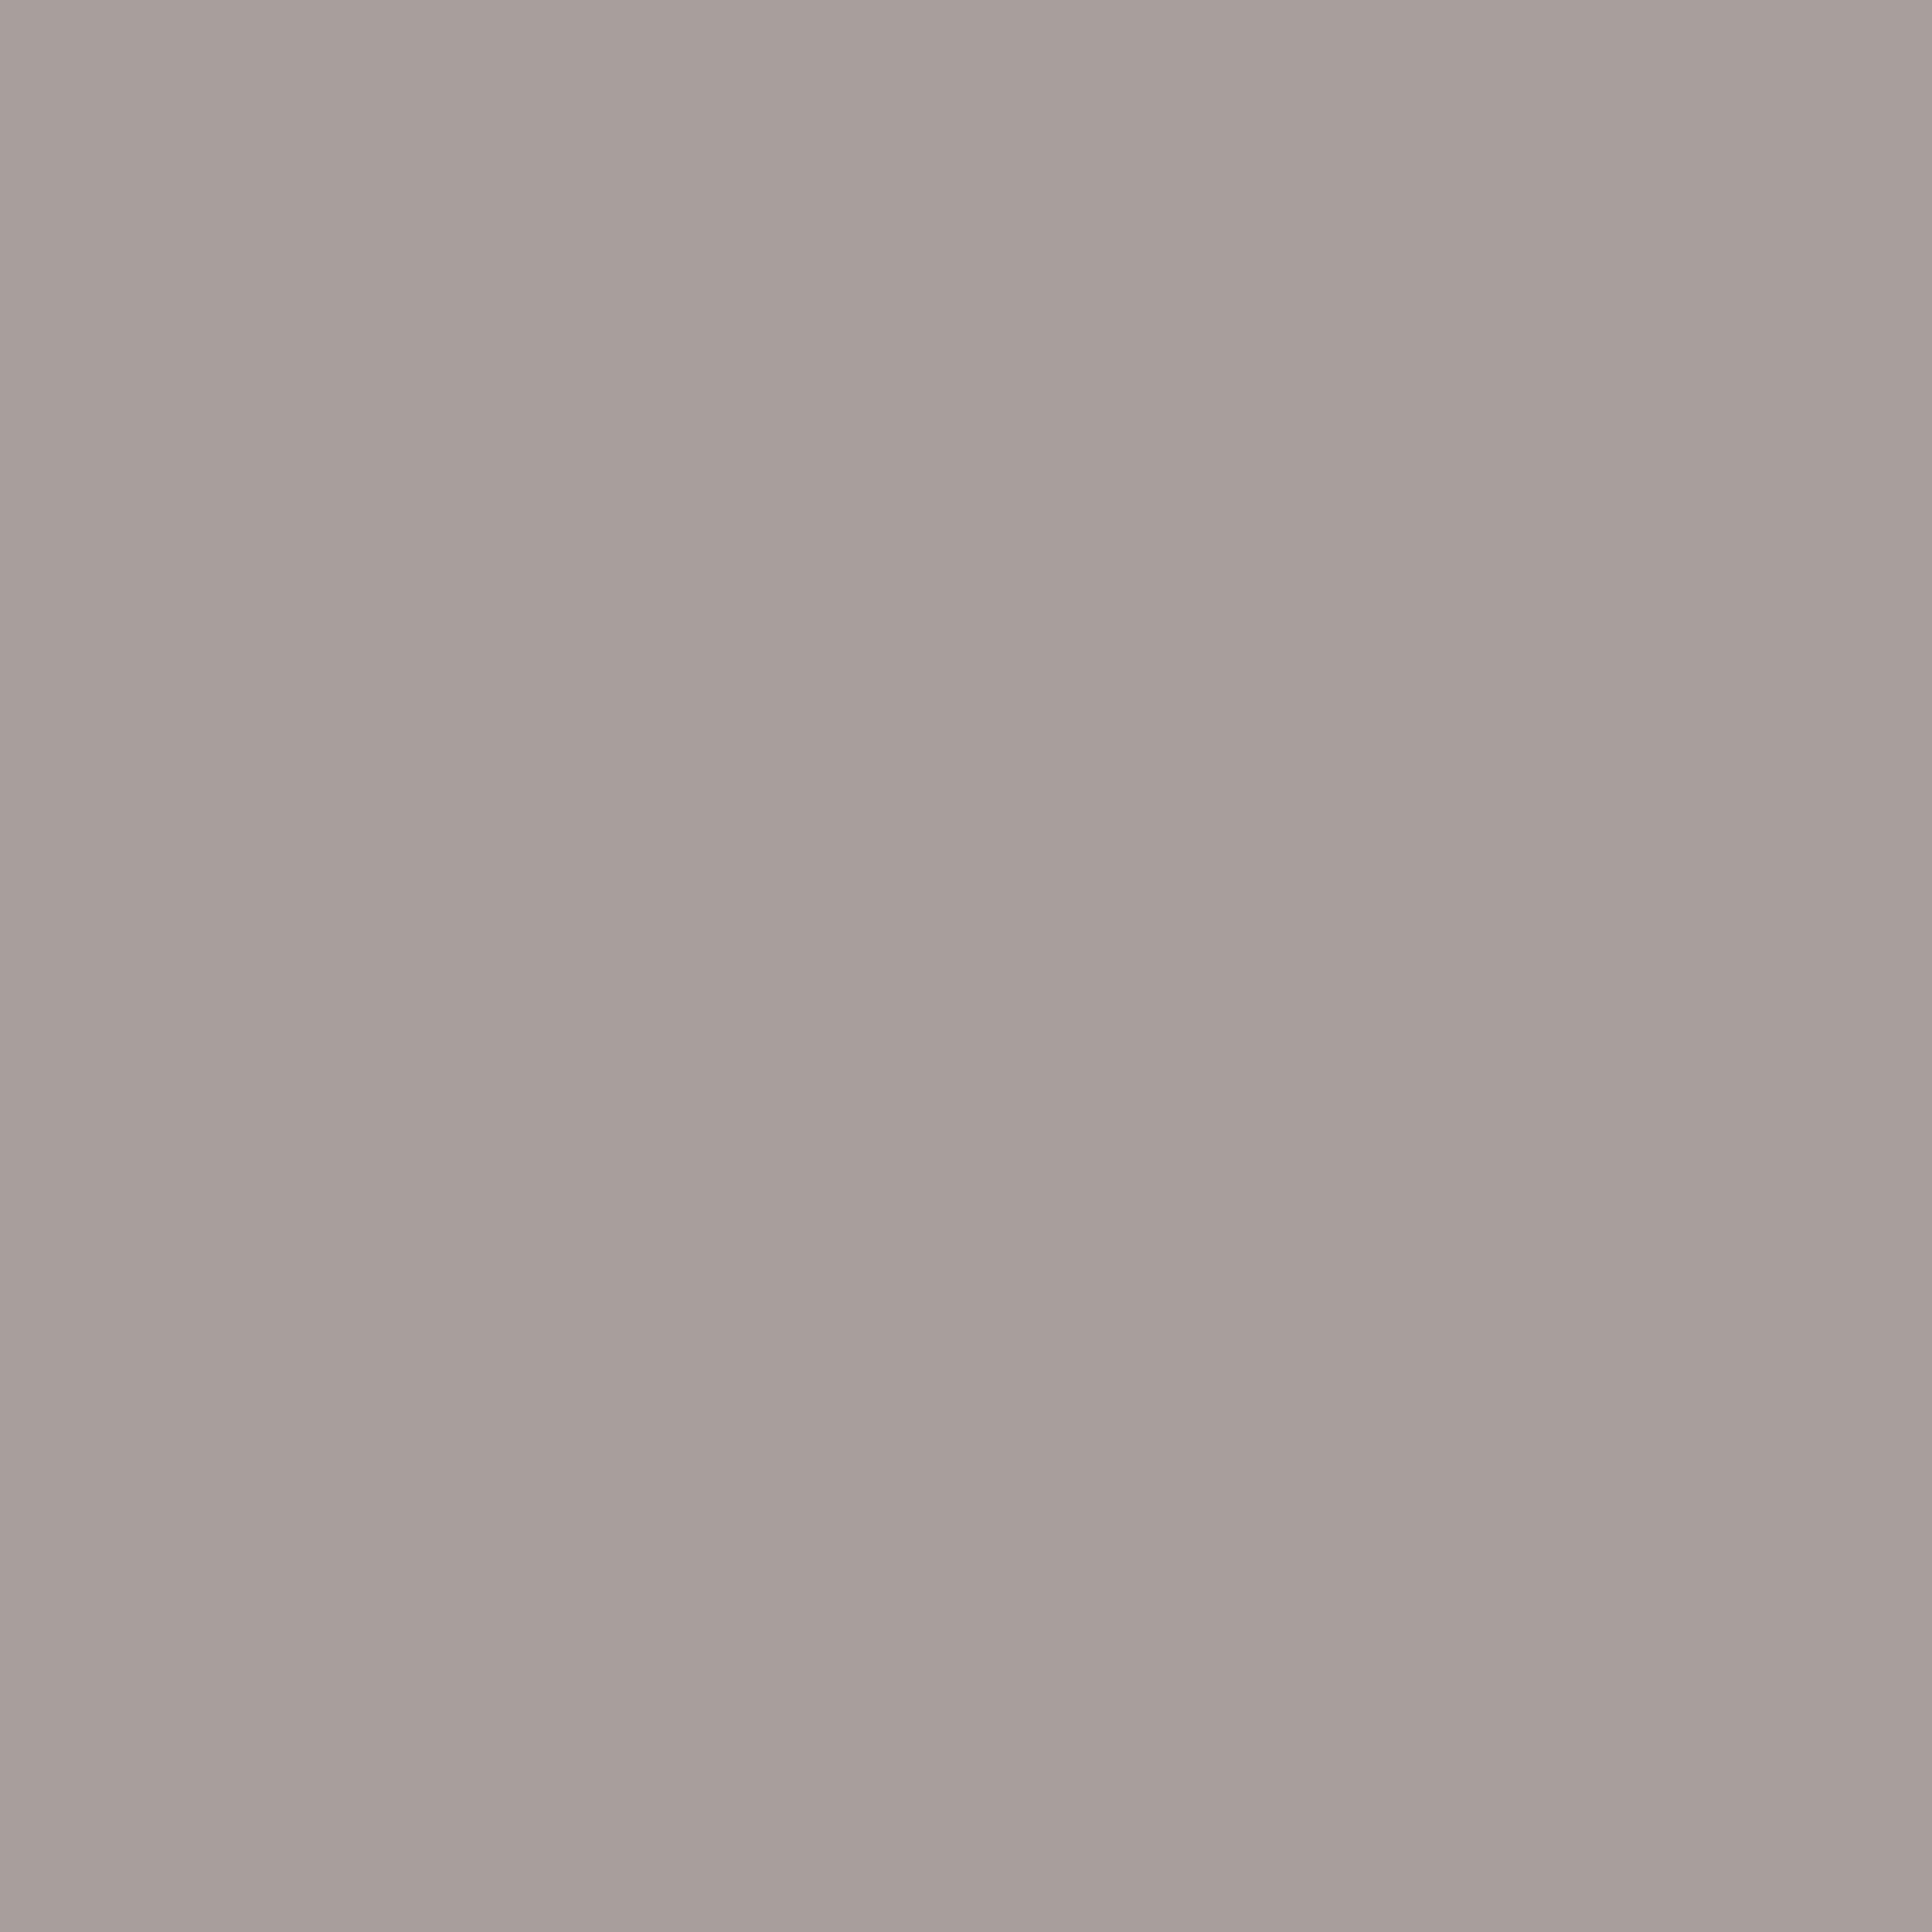 Bostik Misty Gray Sanded Grout – Modern